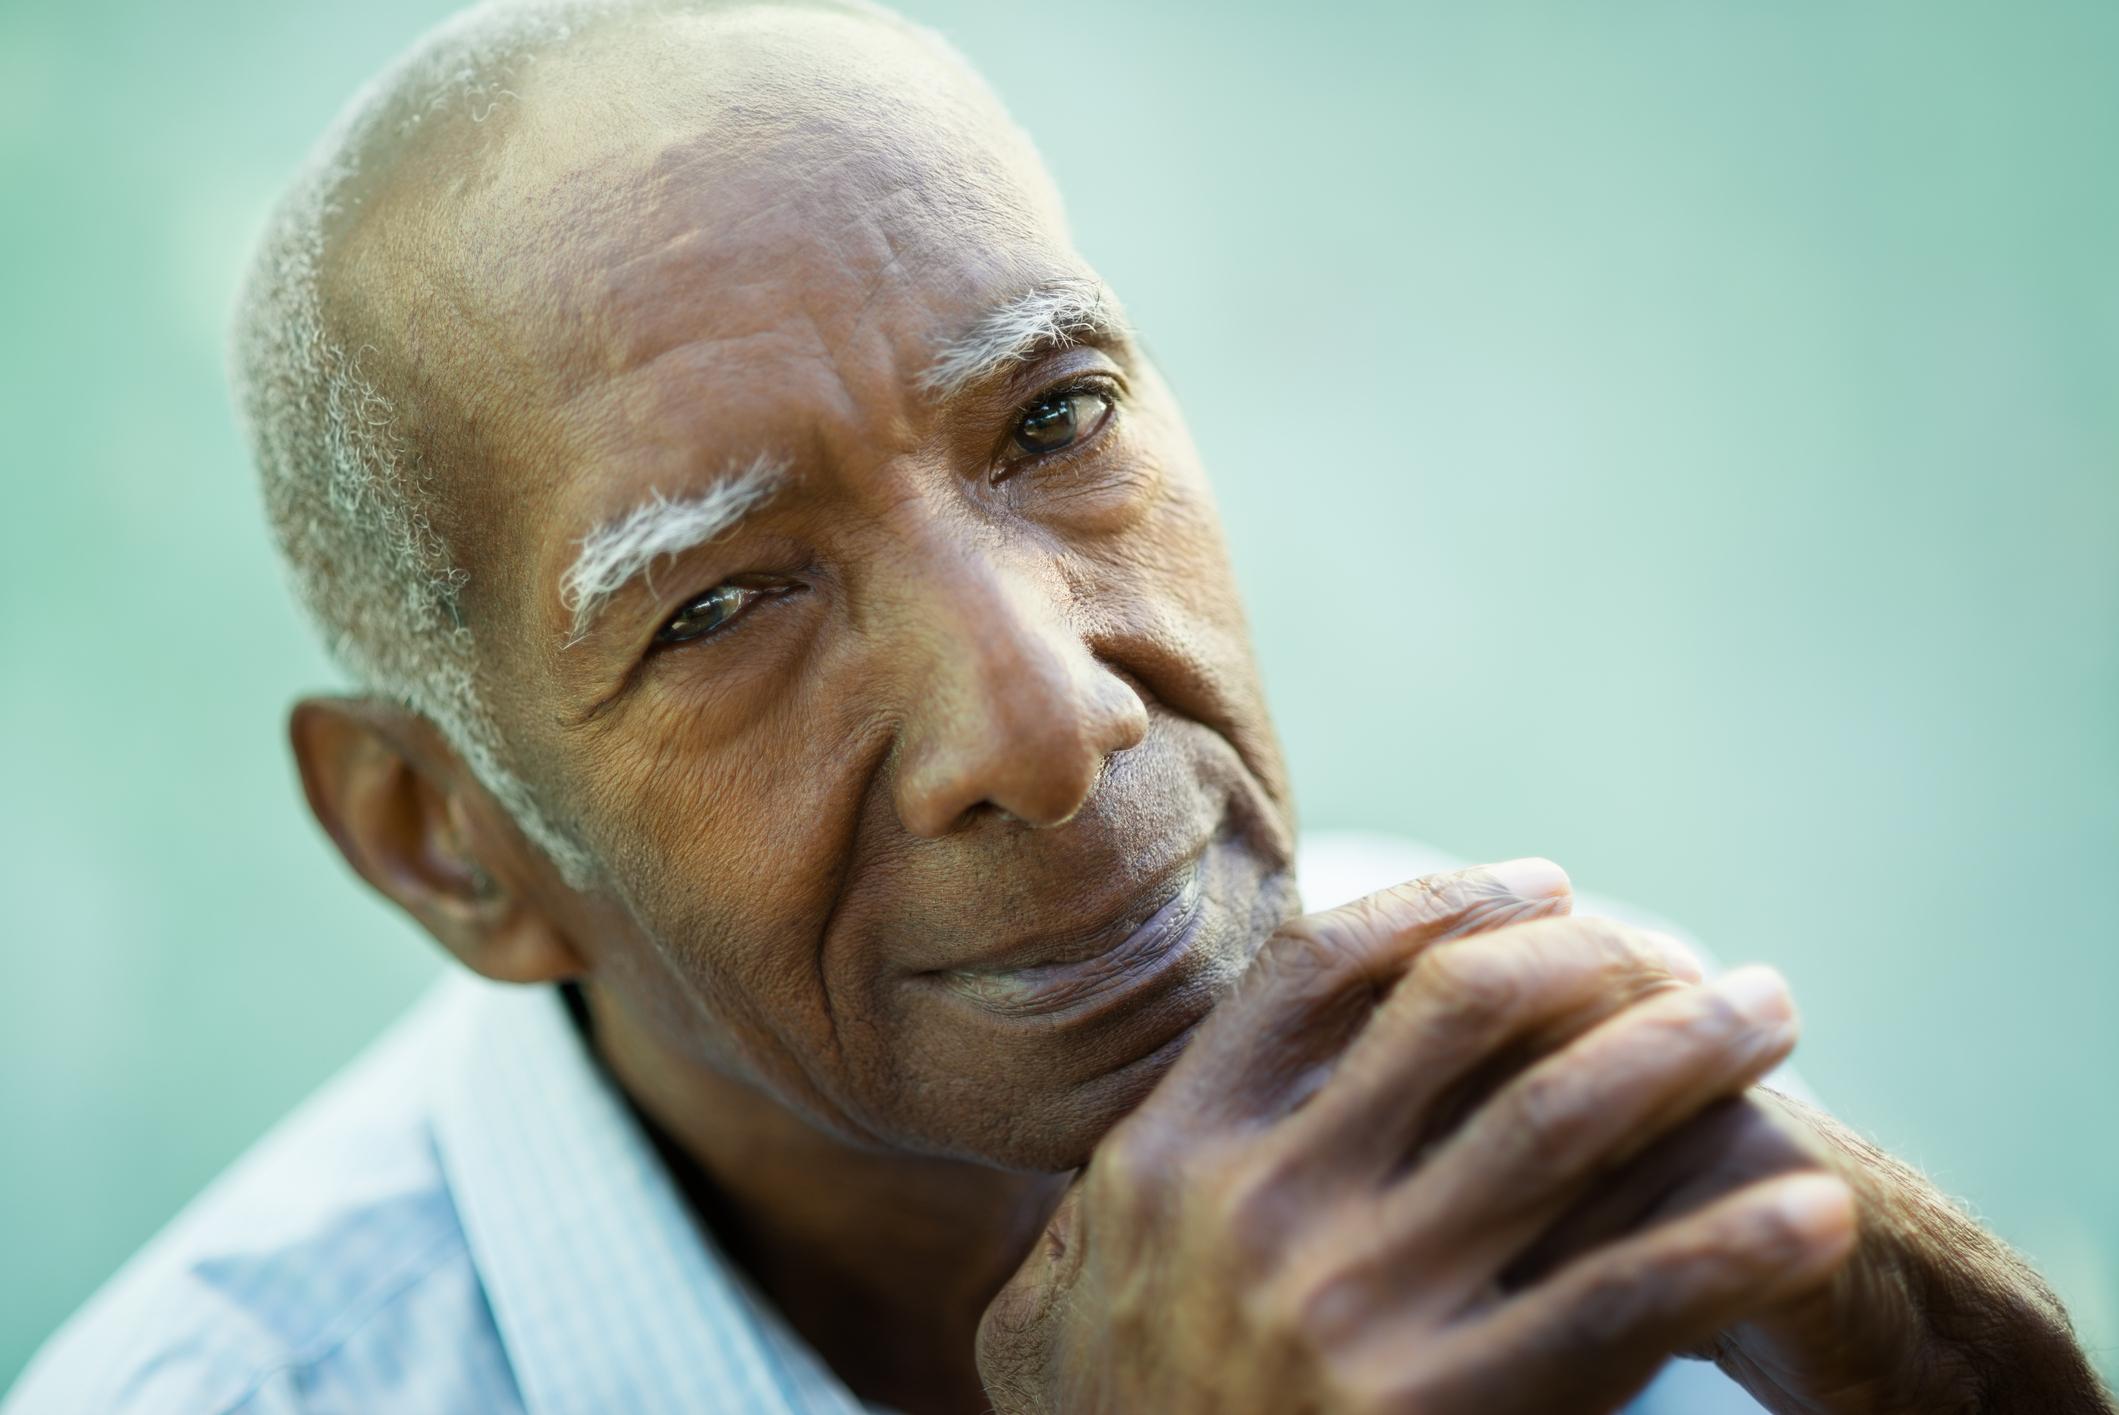 A senior citizen.